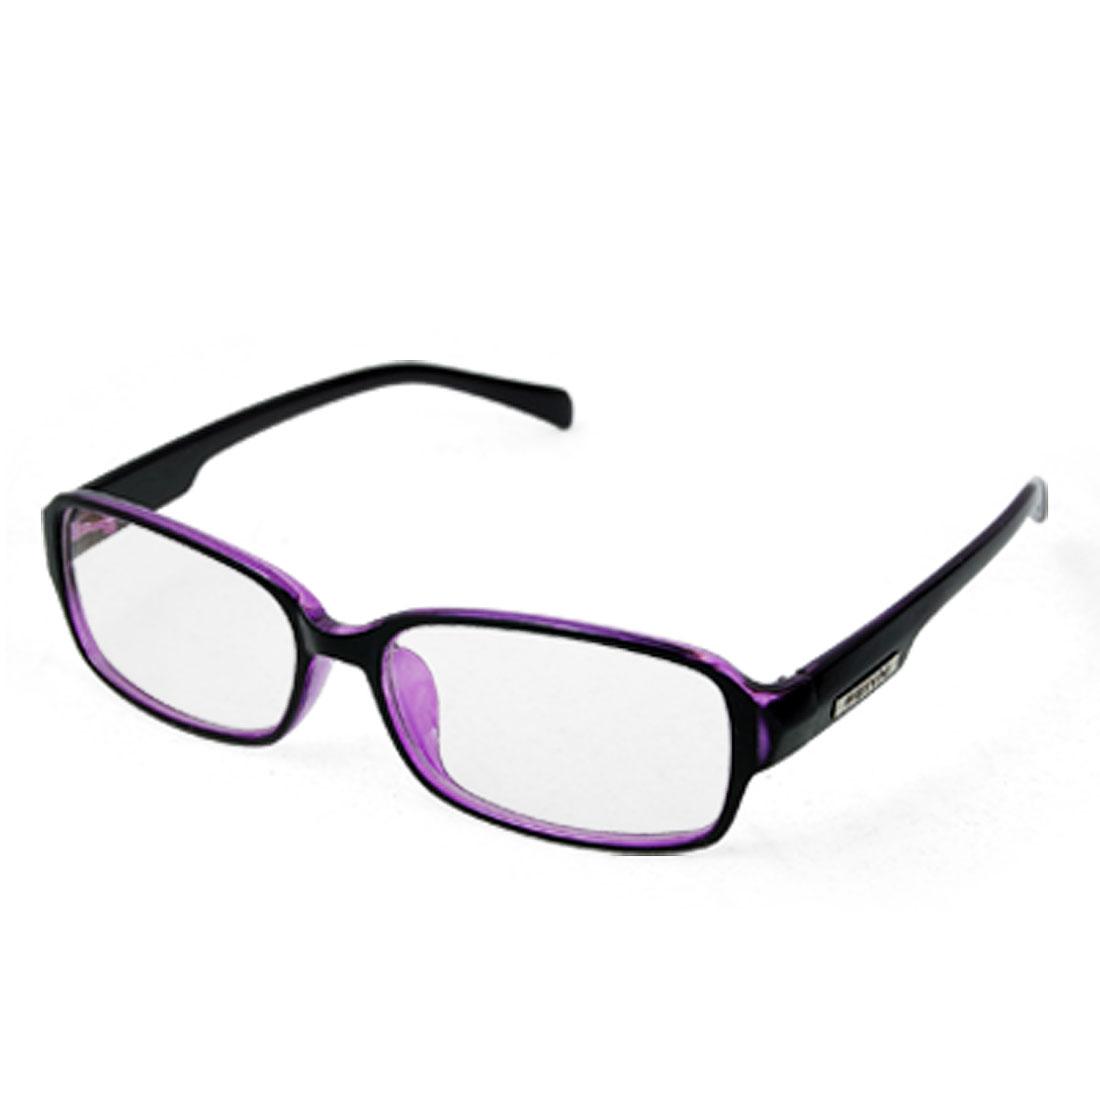 Black Purple Full Rim Plastic Frame UV Protection Glasses